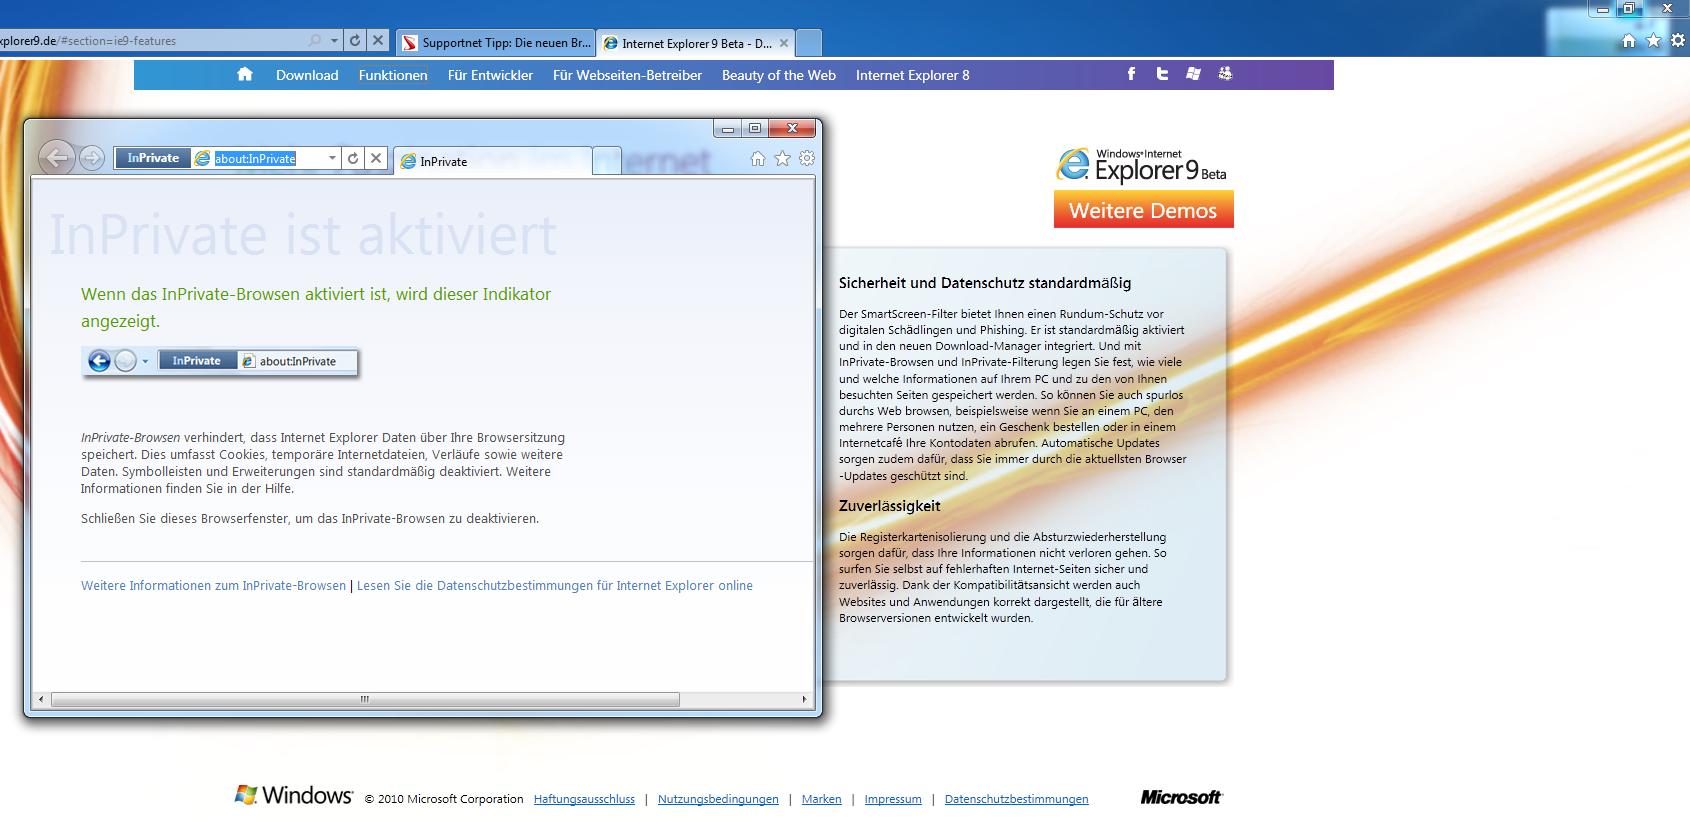 08-Die-neuen-Browser-Internet-Explorer-9-Beta-InPrivate-Browsen-und-normal-Fenster-uebereinader-470.png